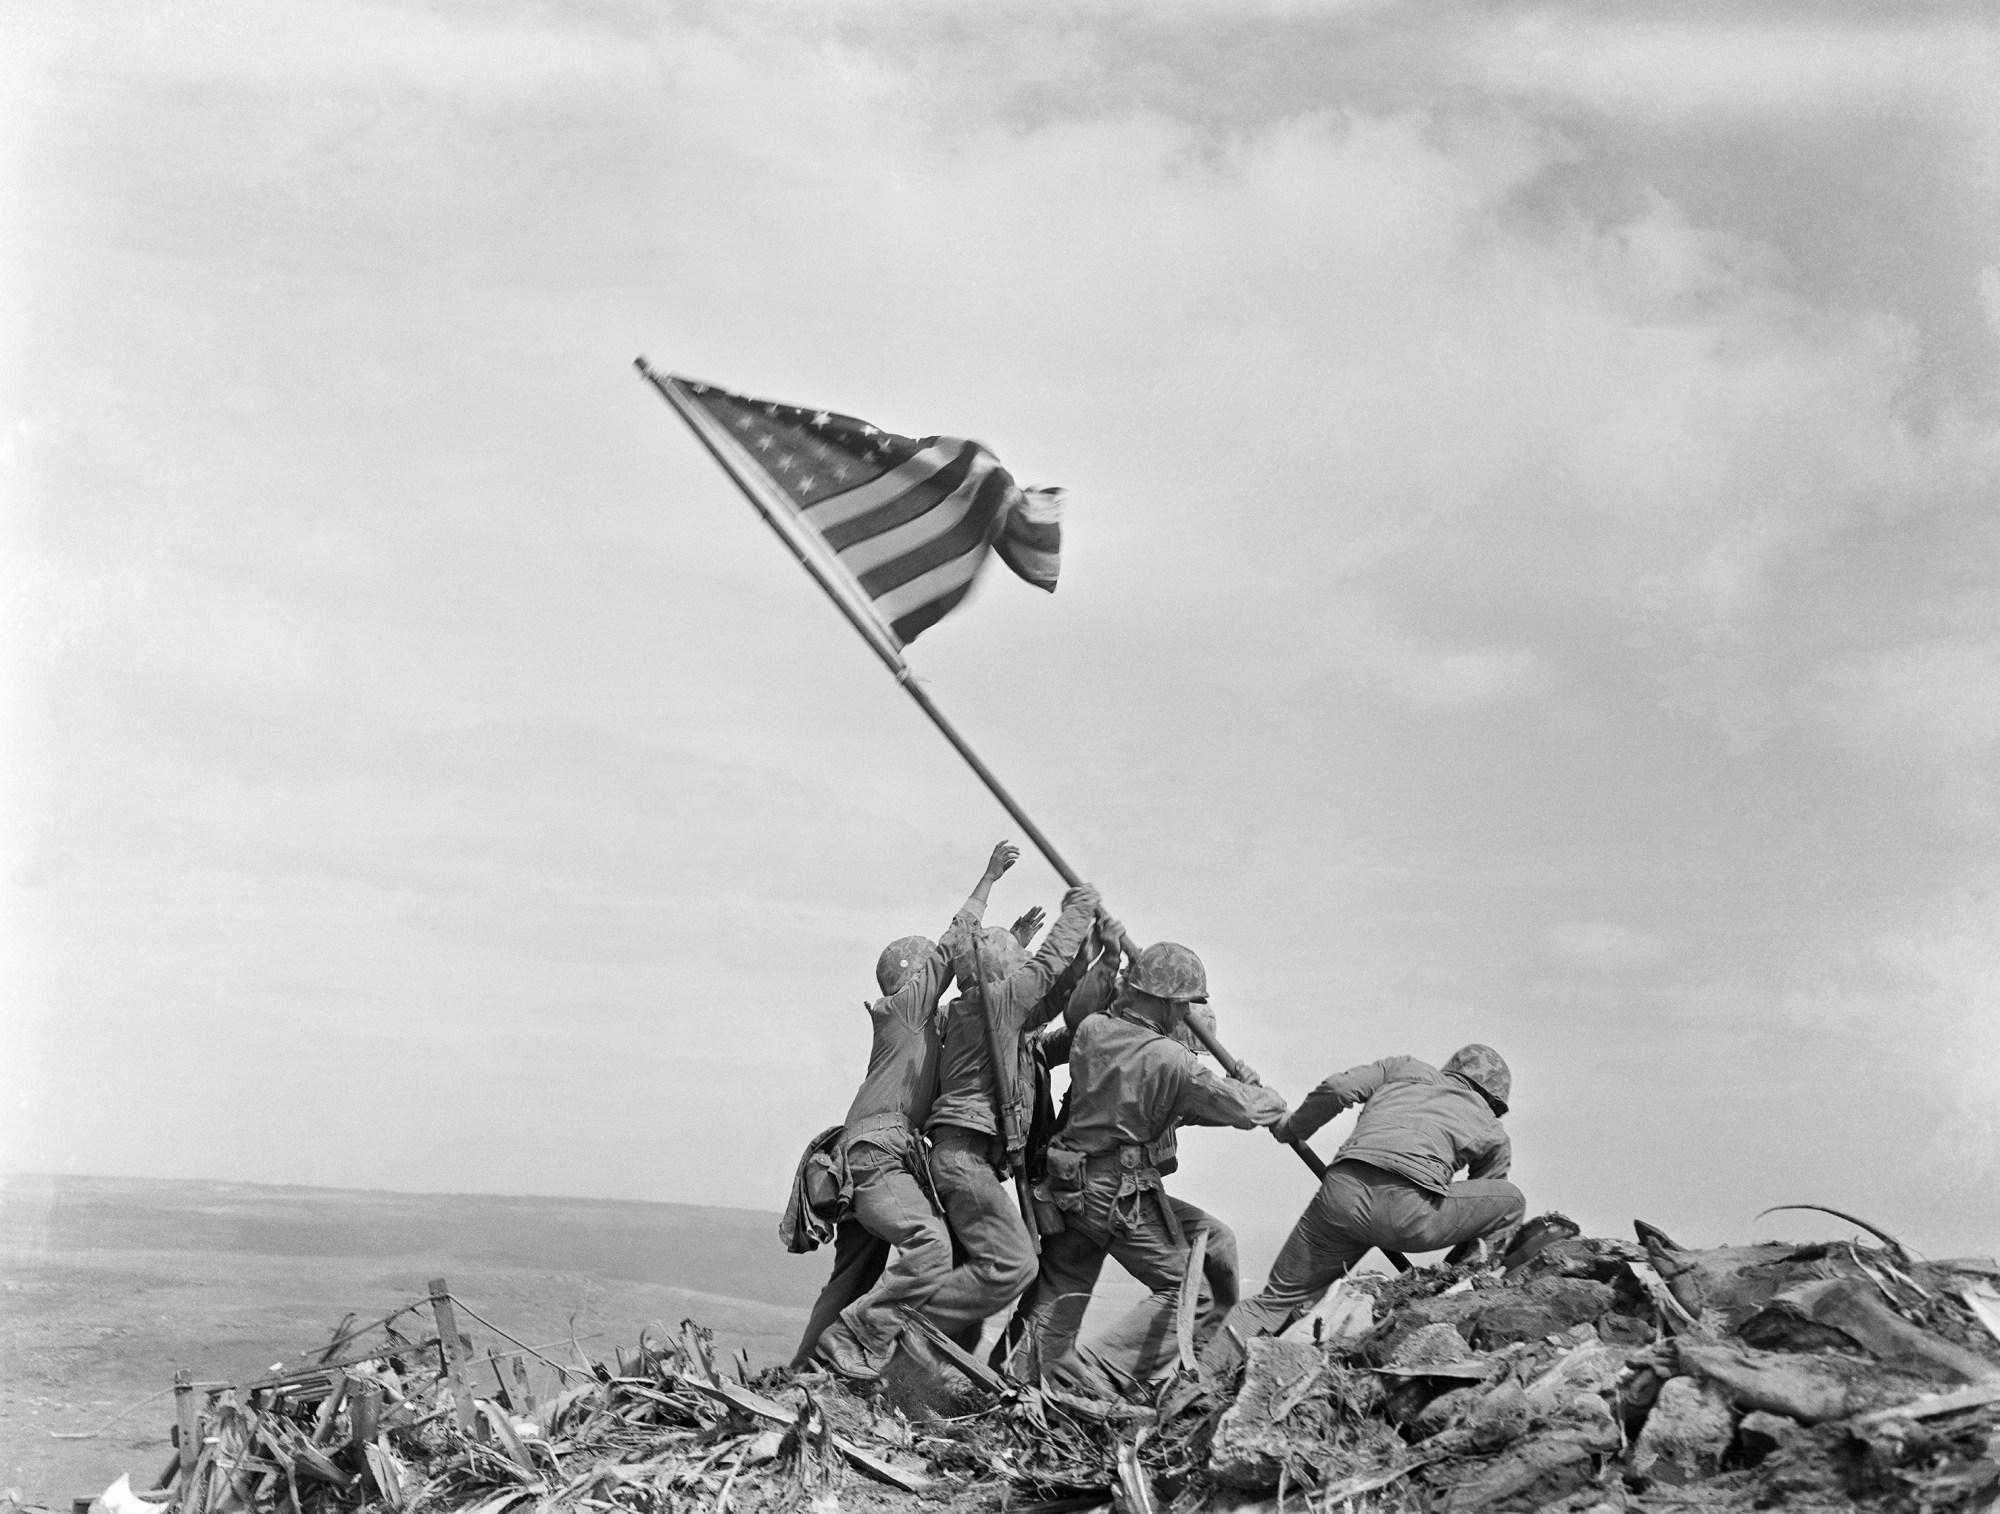 Iwo Jima Photo